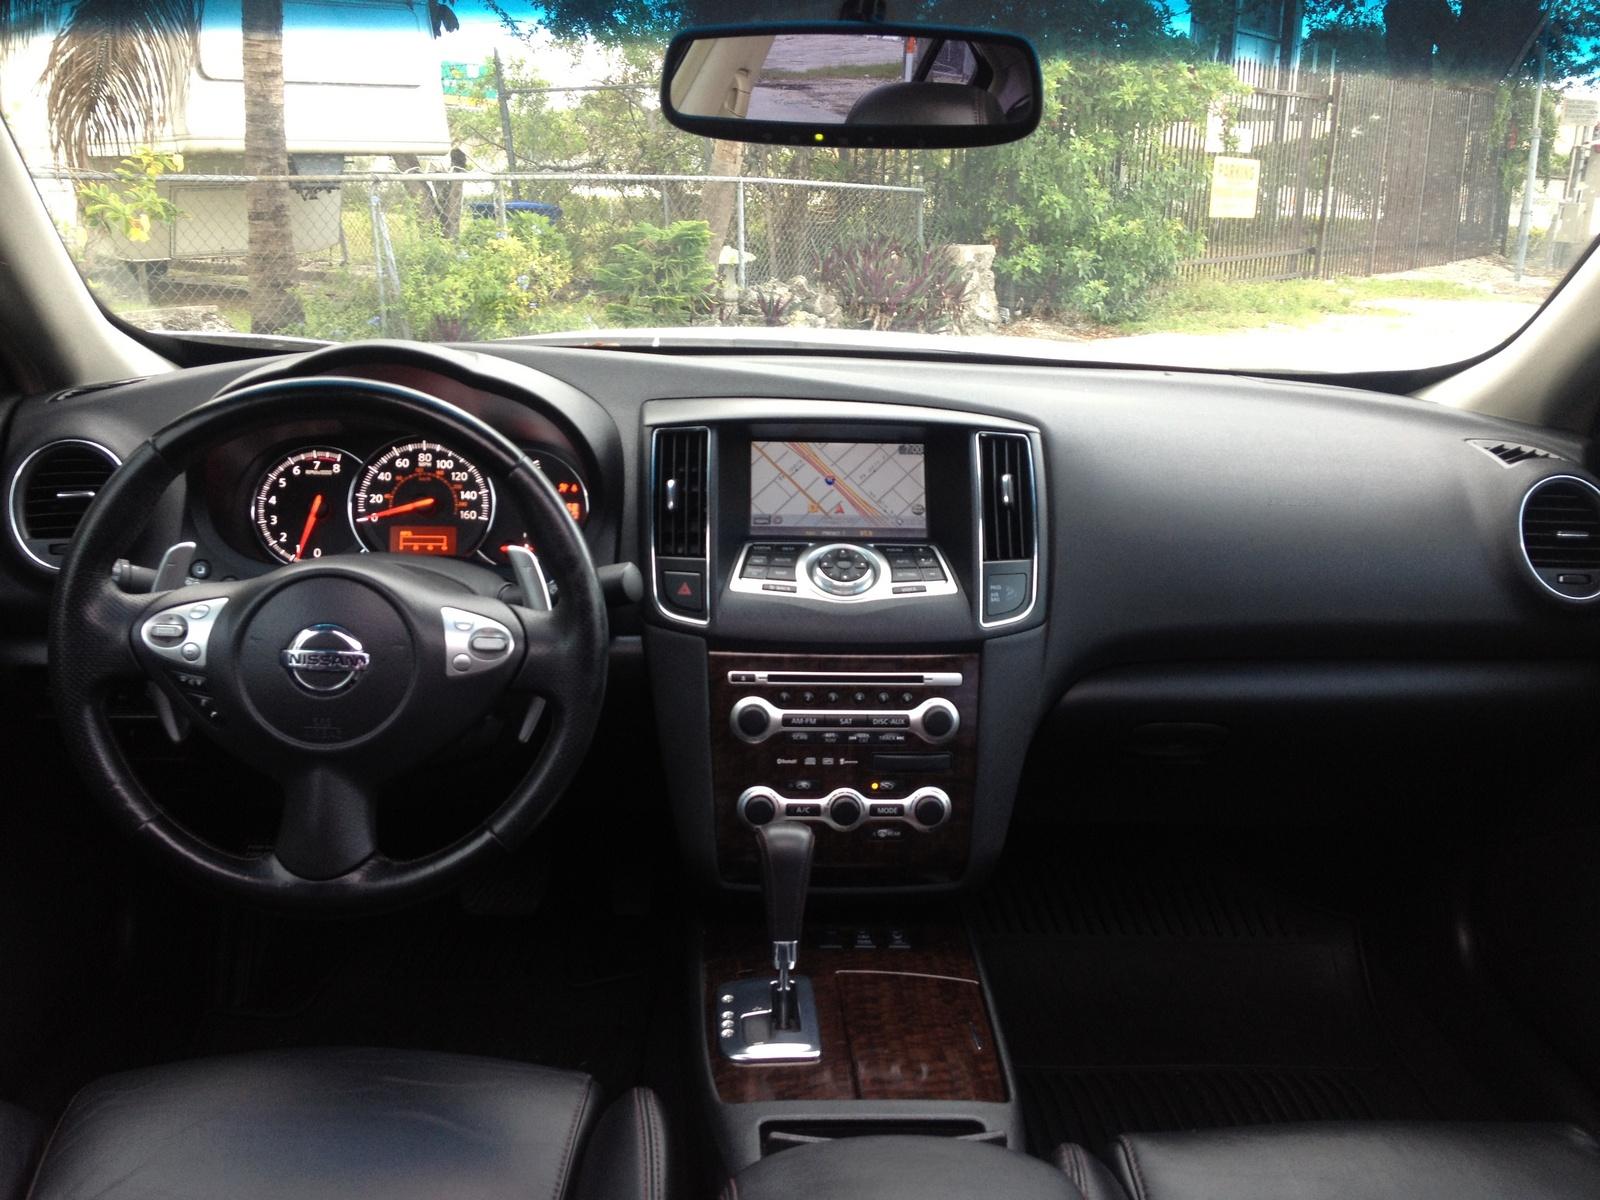 2009 Nissan Maxima - Interior Pictures - CarGurus